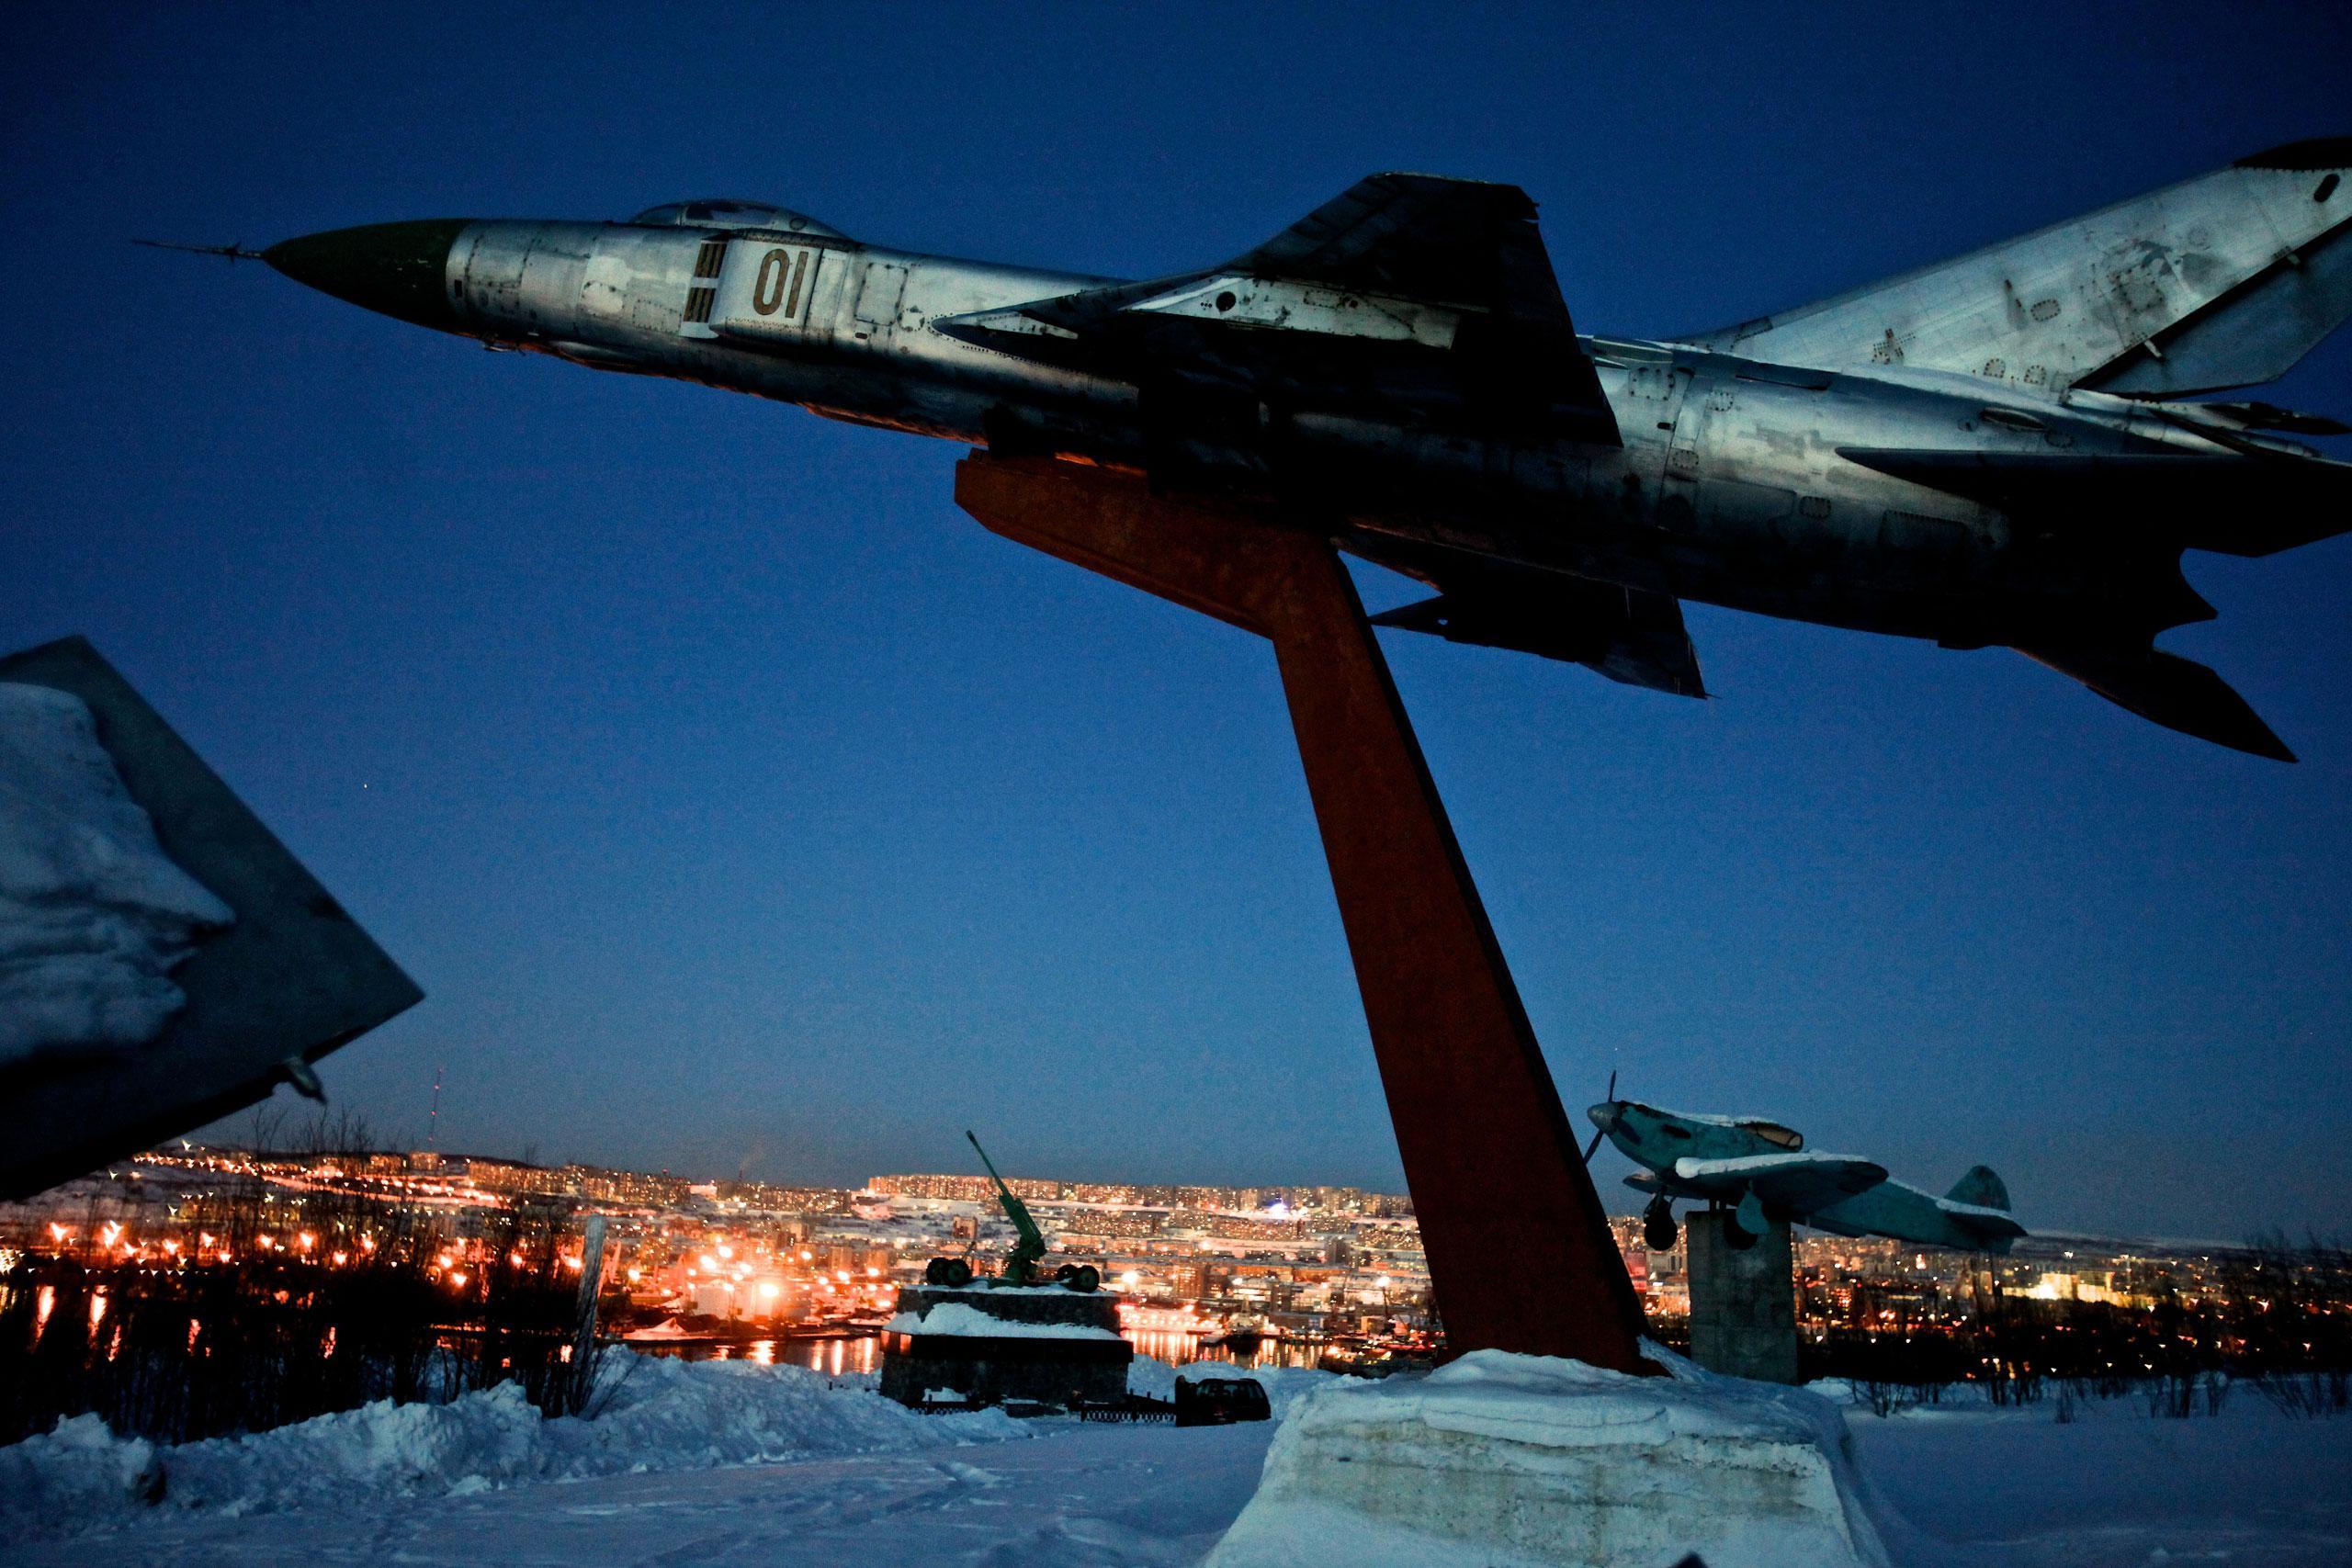 Арктика, крайний Север, нефть, полярный круг, Воркута-5